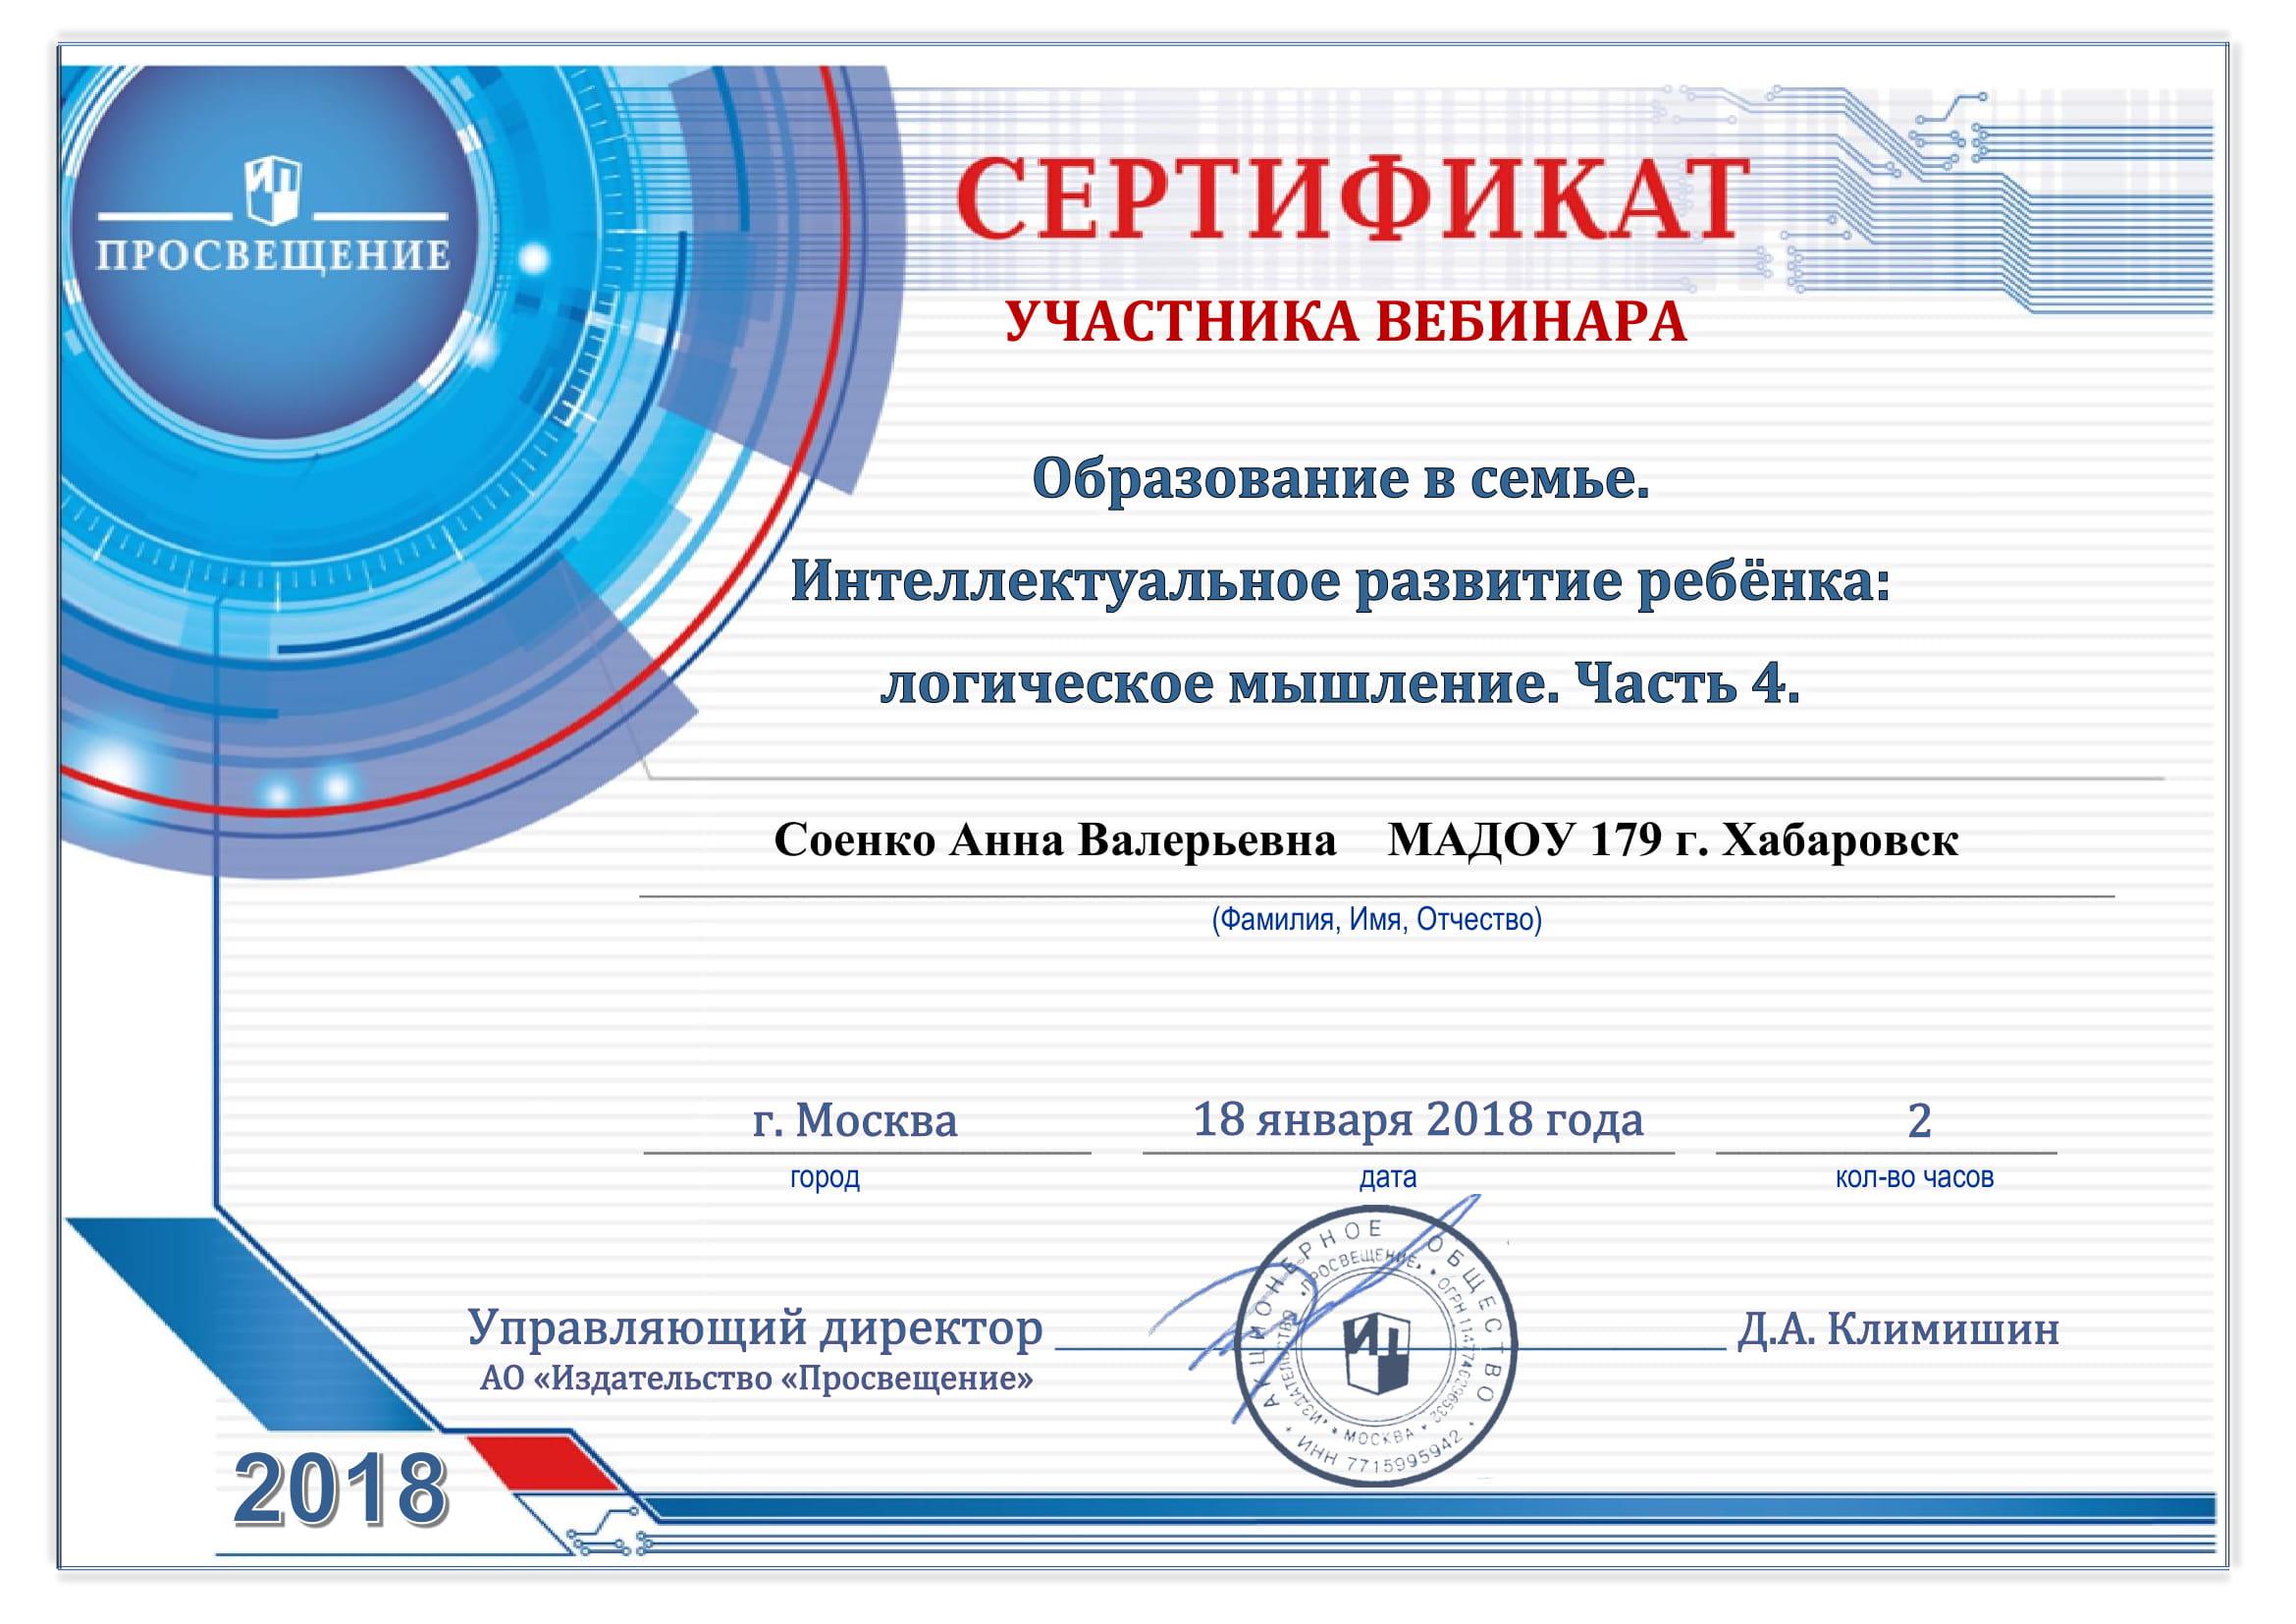 Сертификат Соенко